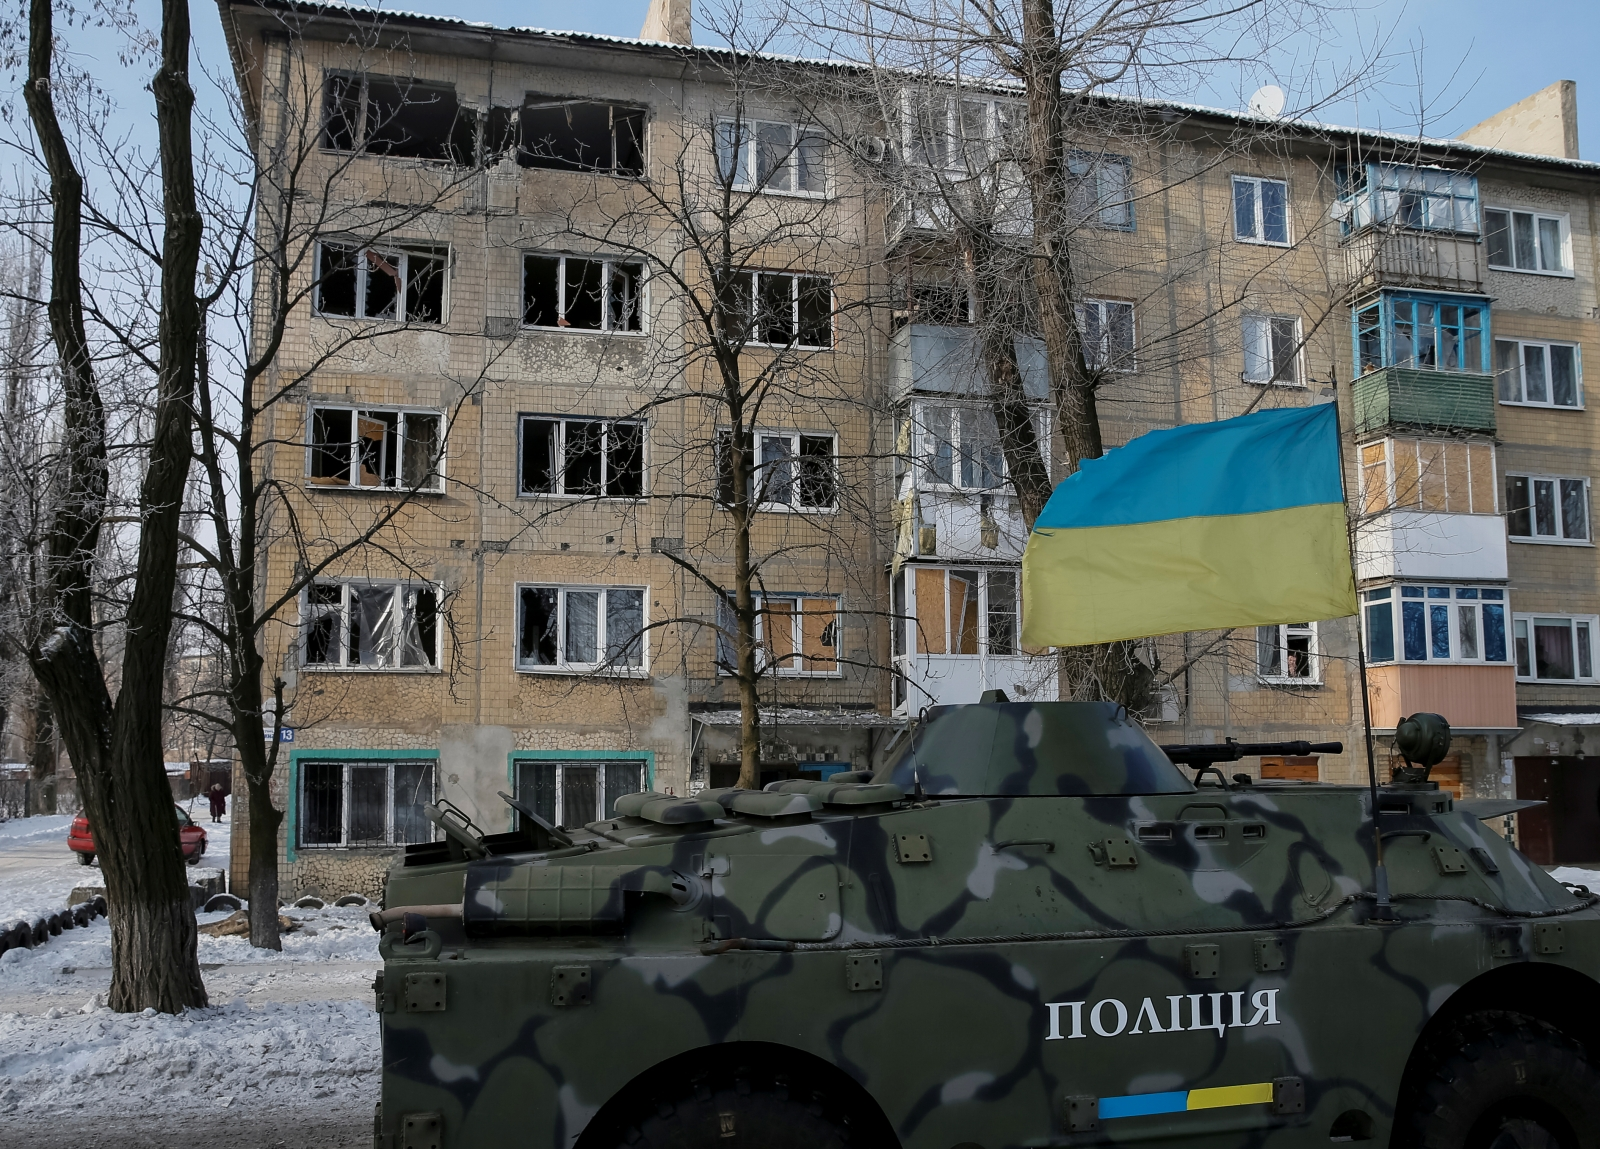 Avdiyivka, Ukraine